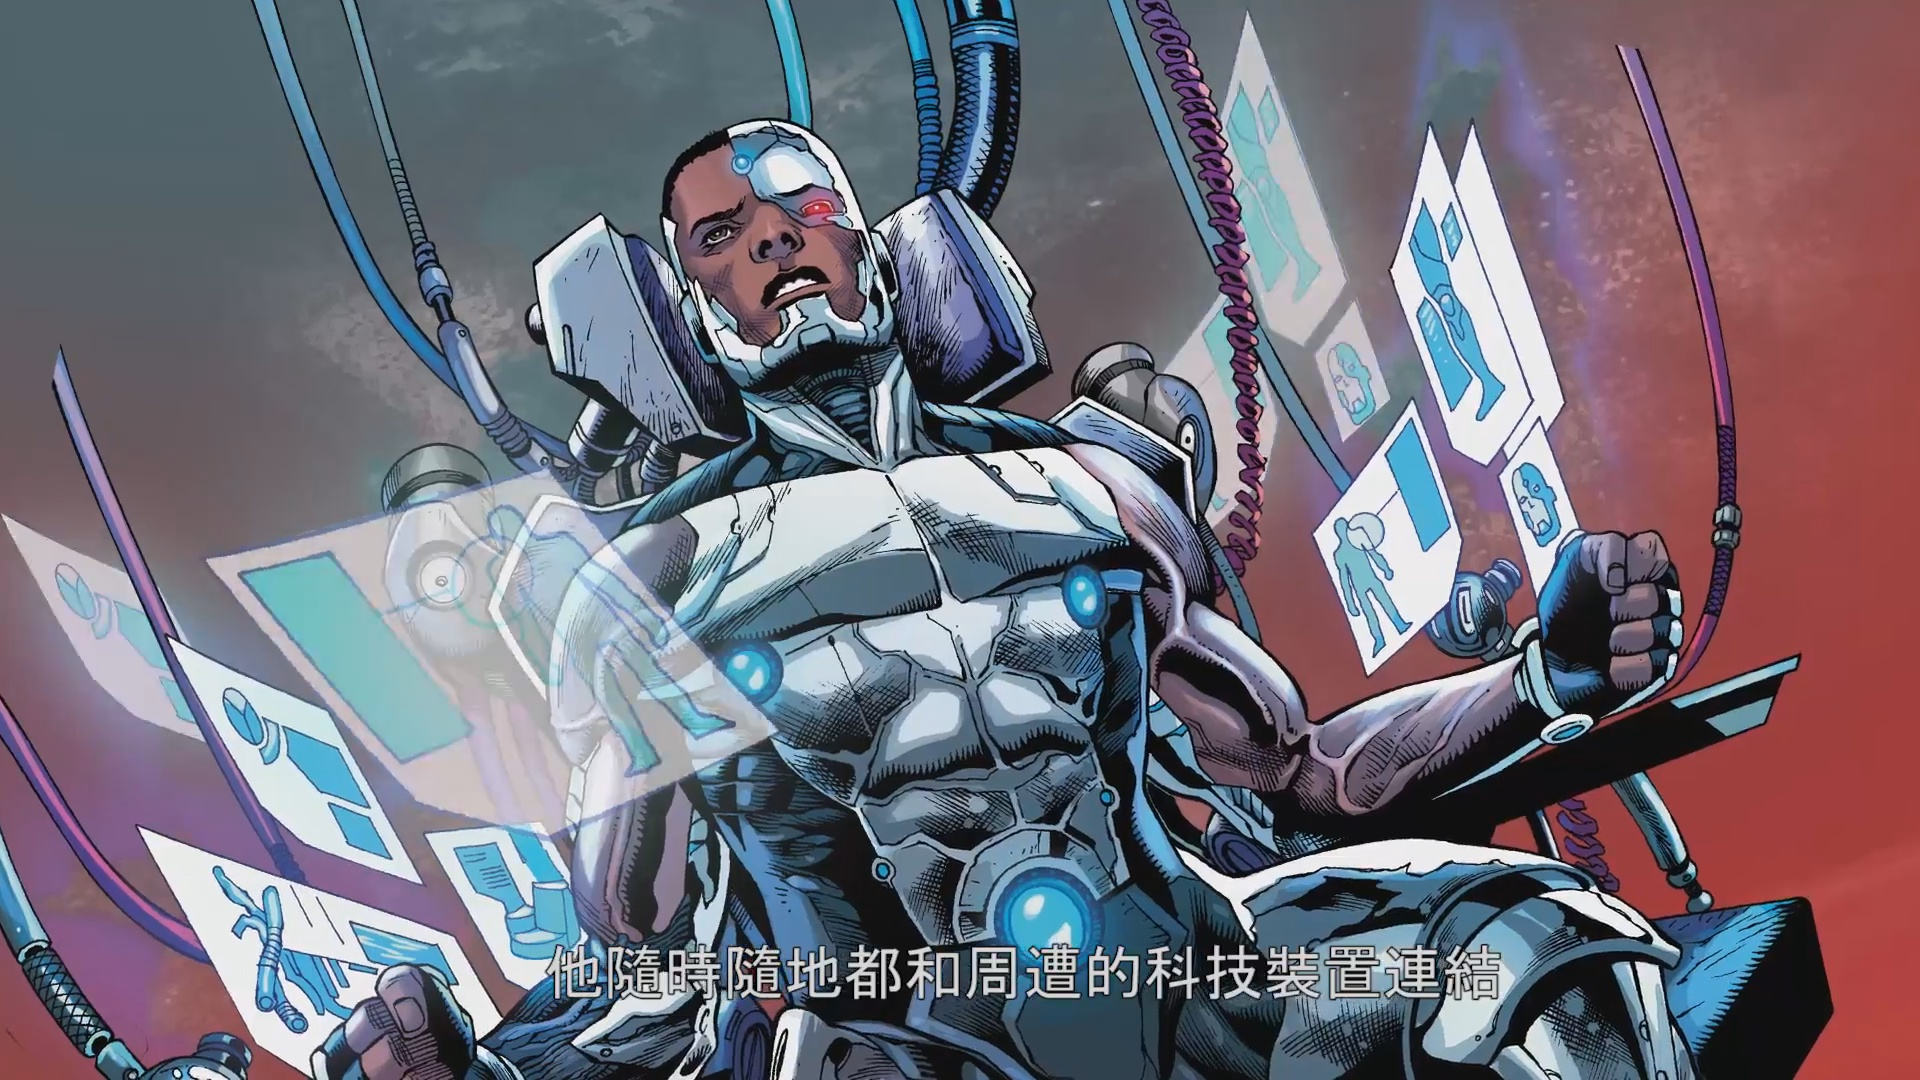 《正义联盟》电影角色预告之钢骨的漫画起源